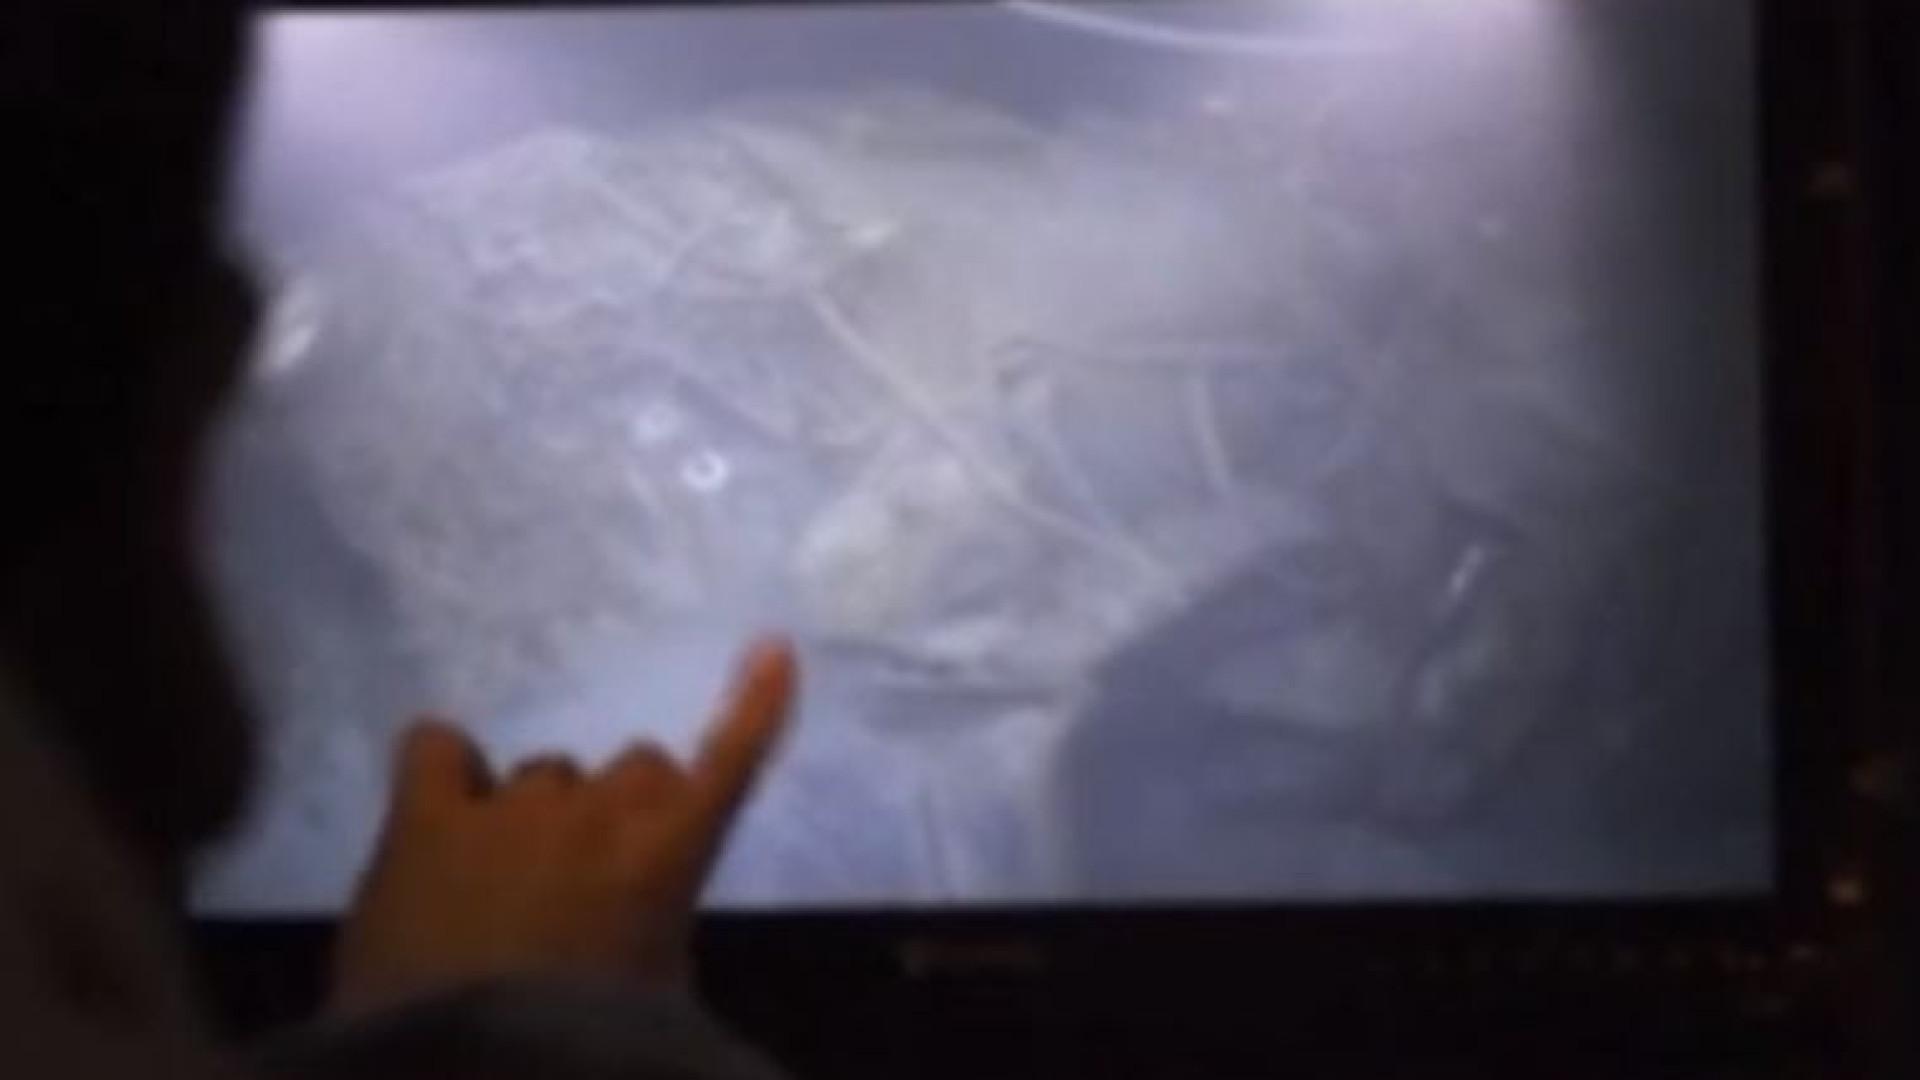 As imagens do submarino argentino encontrado no oceano Atlântico